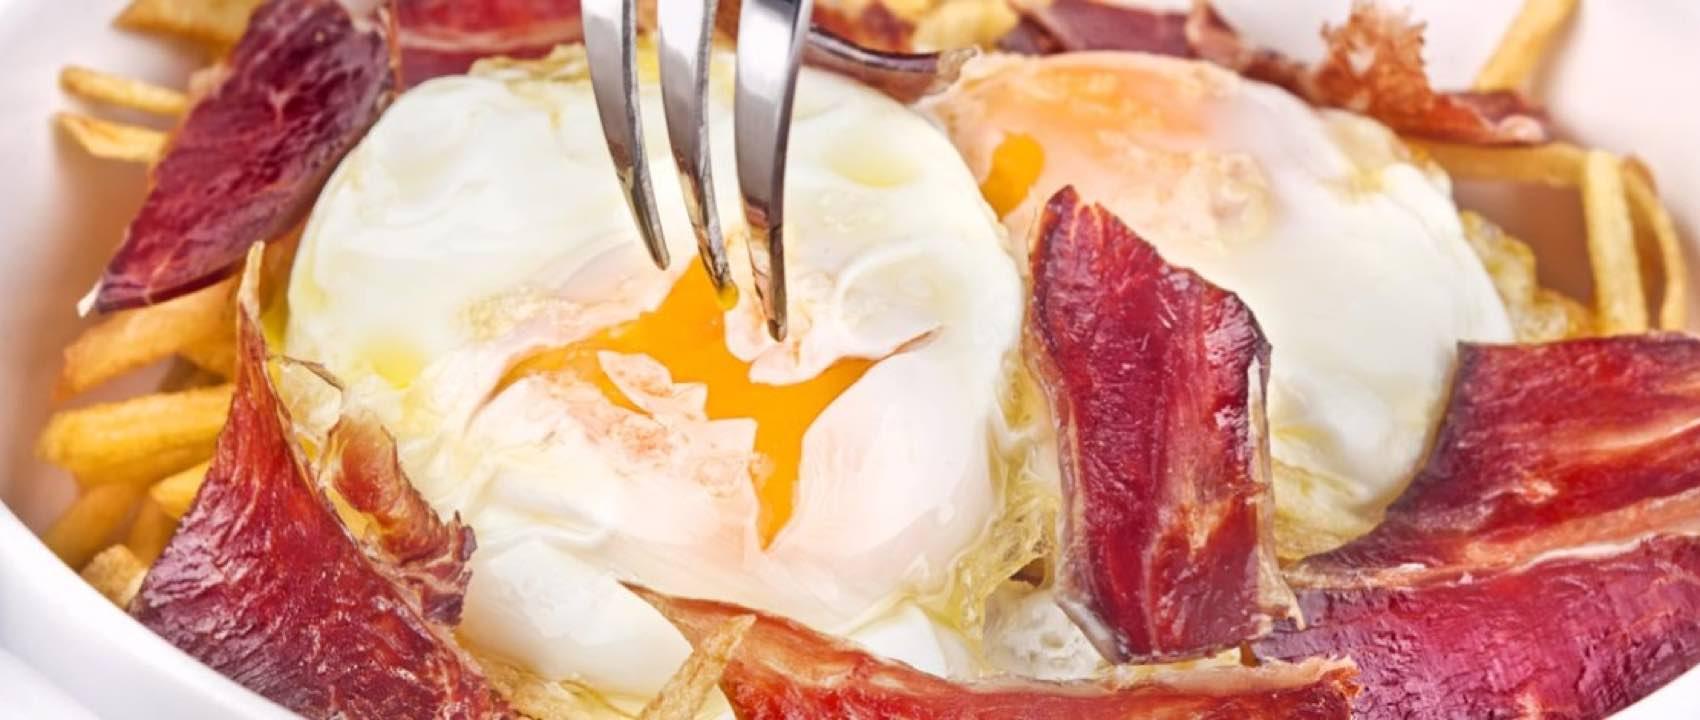 This is Huevos rotos, dip bread into the egg yolk.